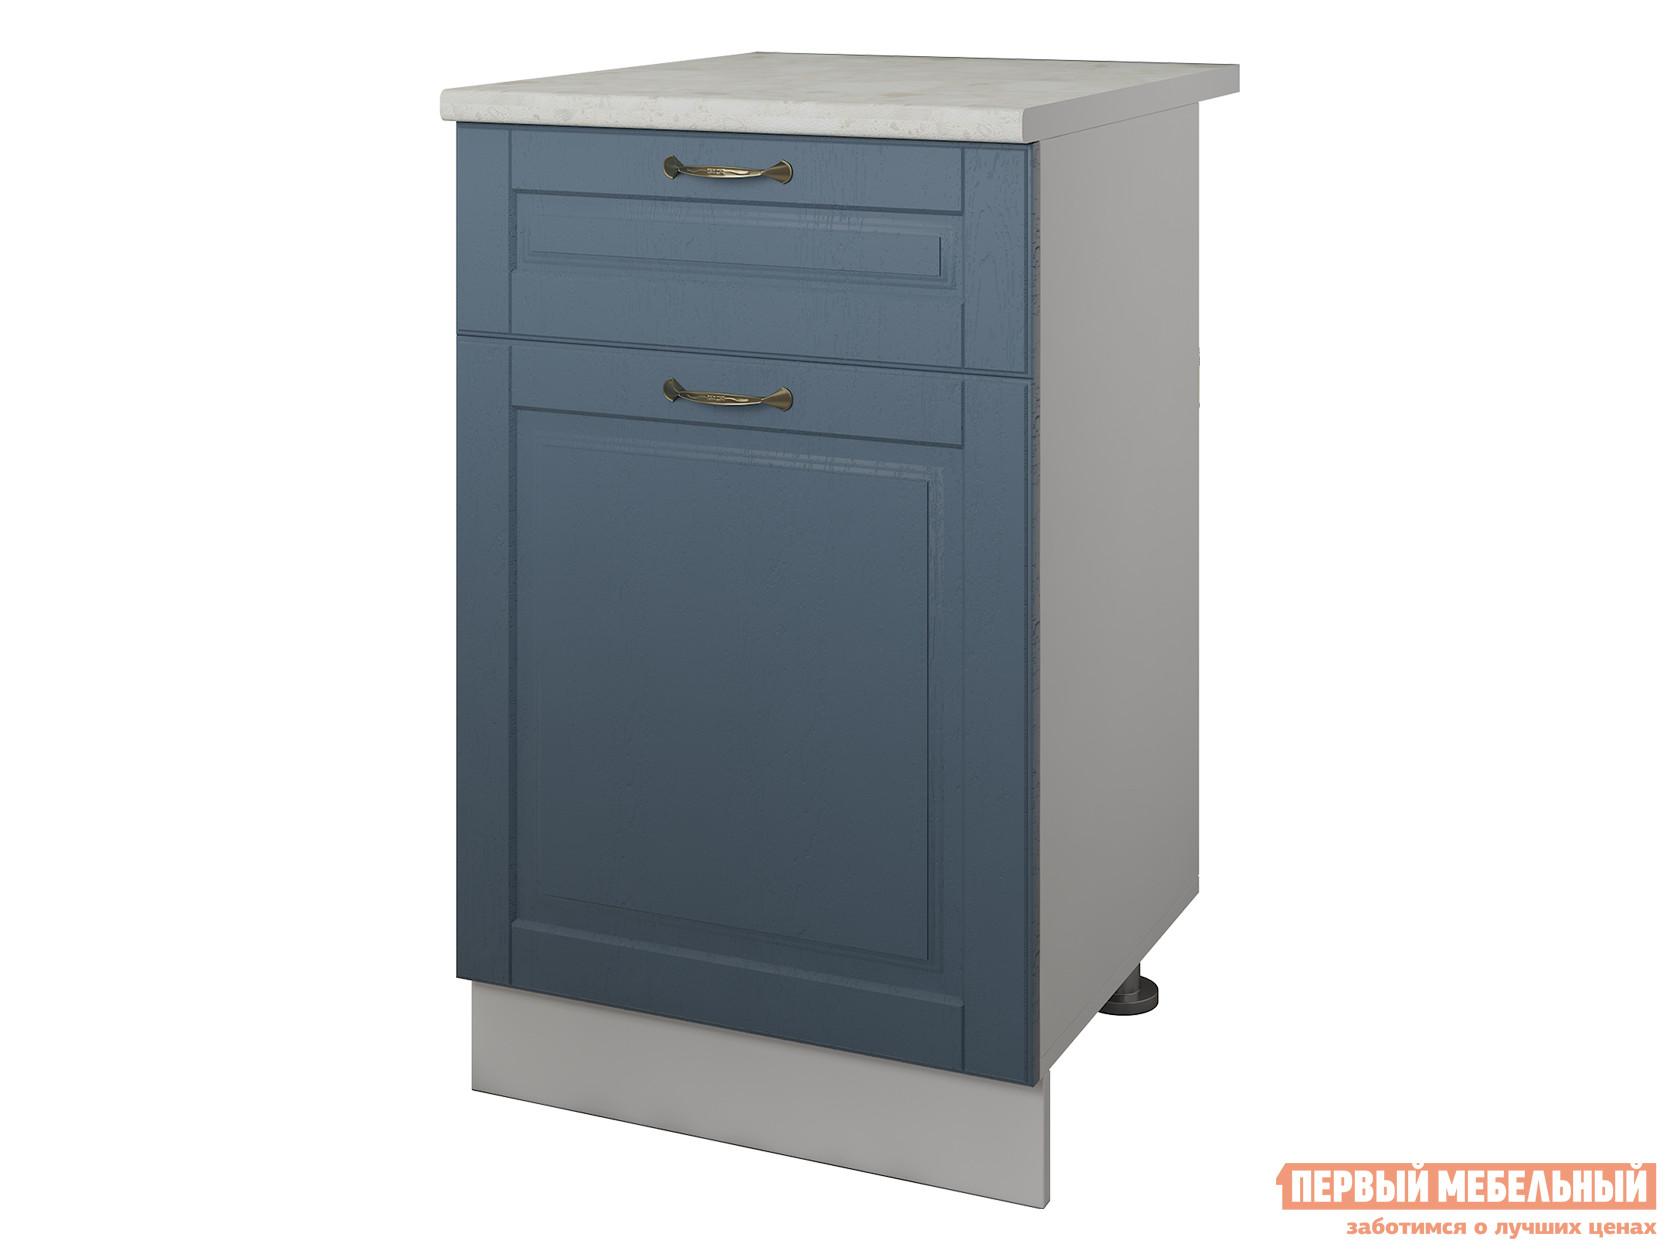 Кухонный модуль Первый Мебельный Палермо Тумба 500 с одним ящиком и одной дверцей